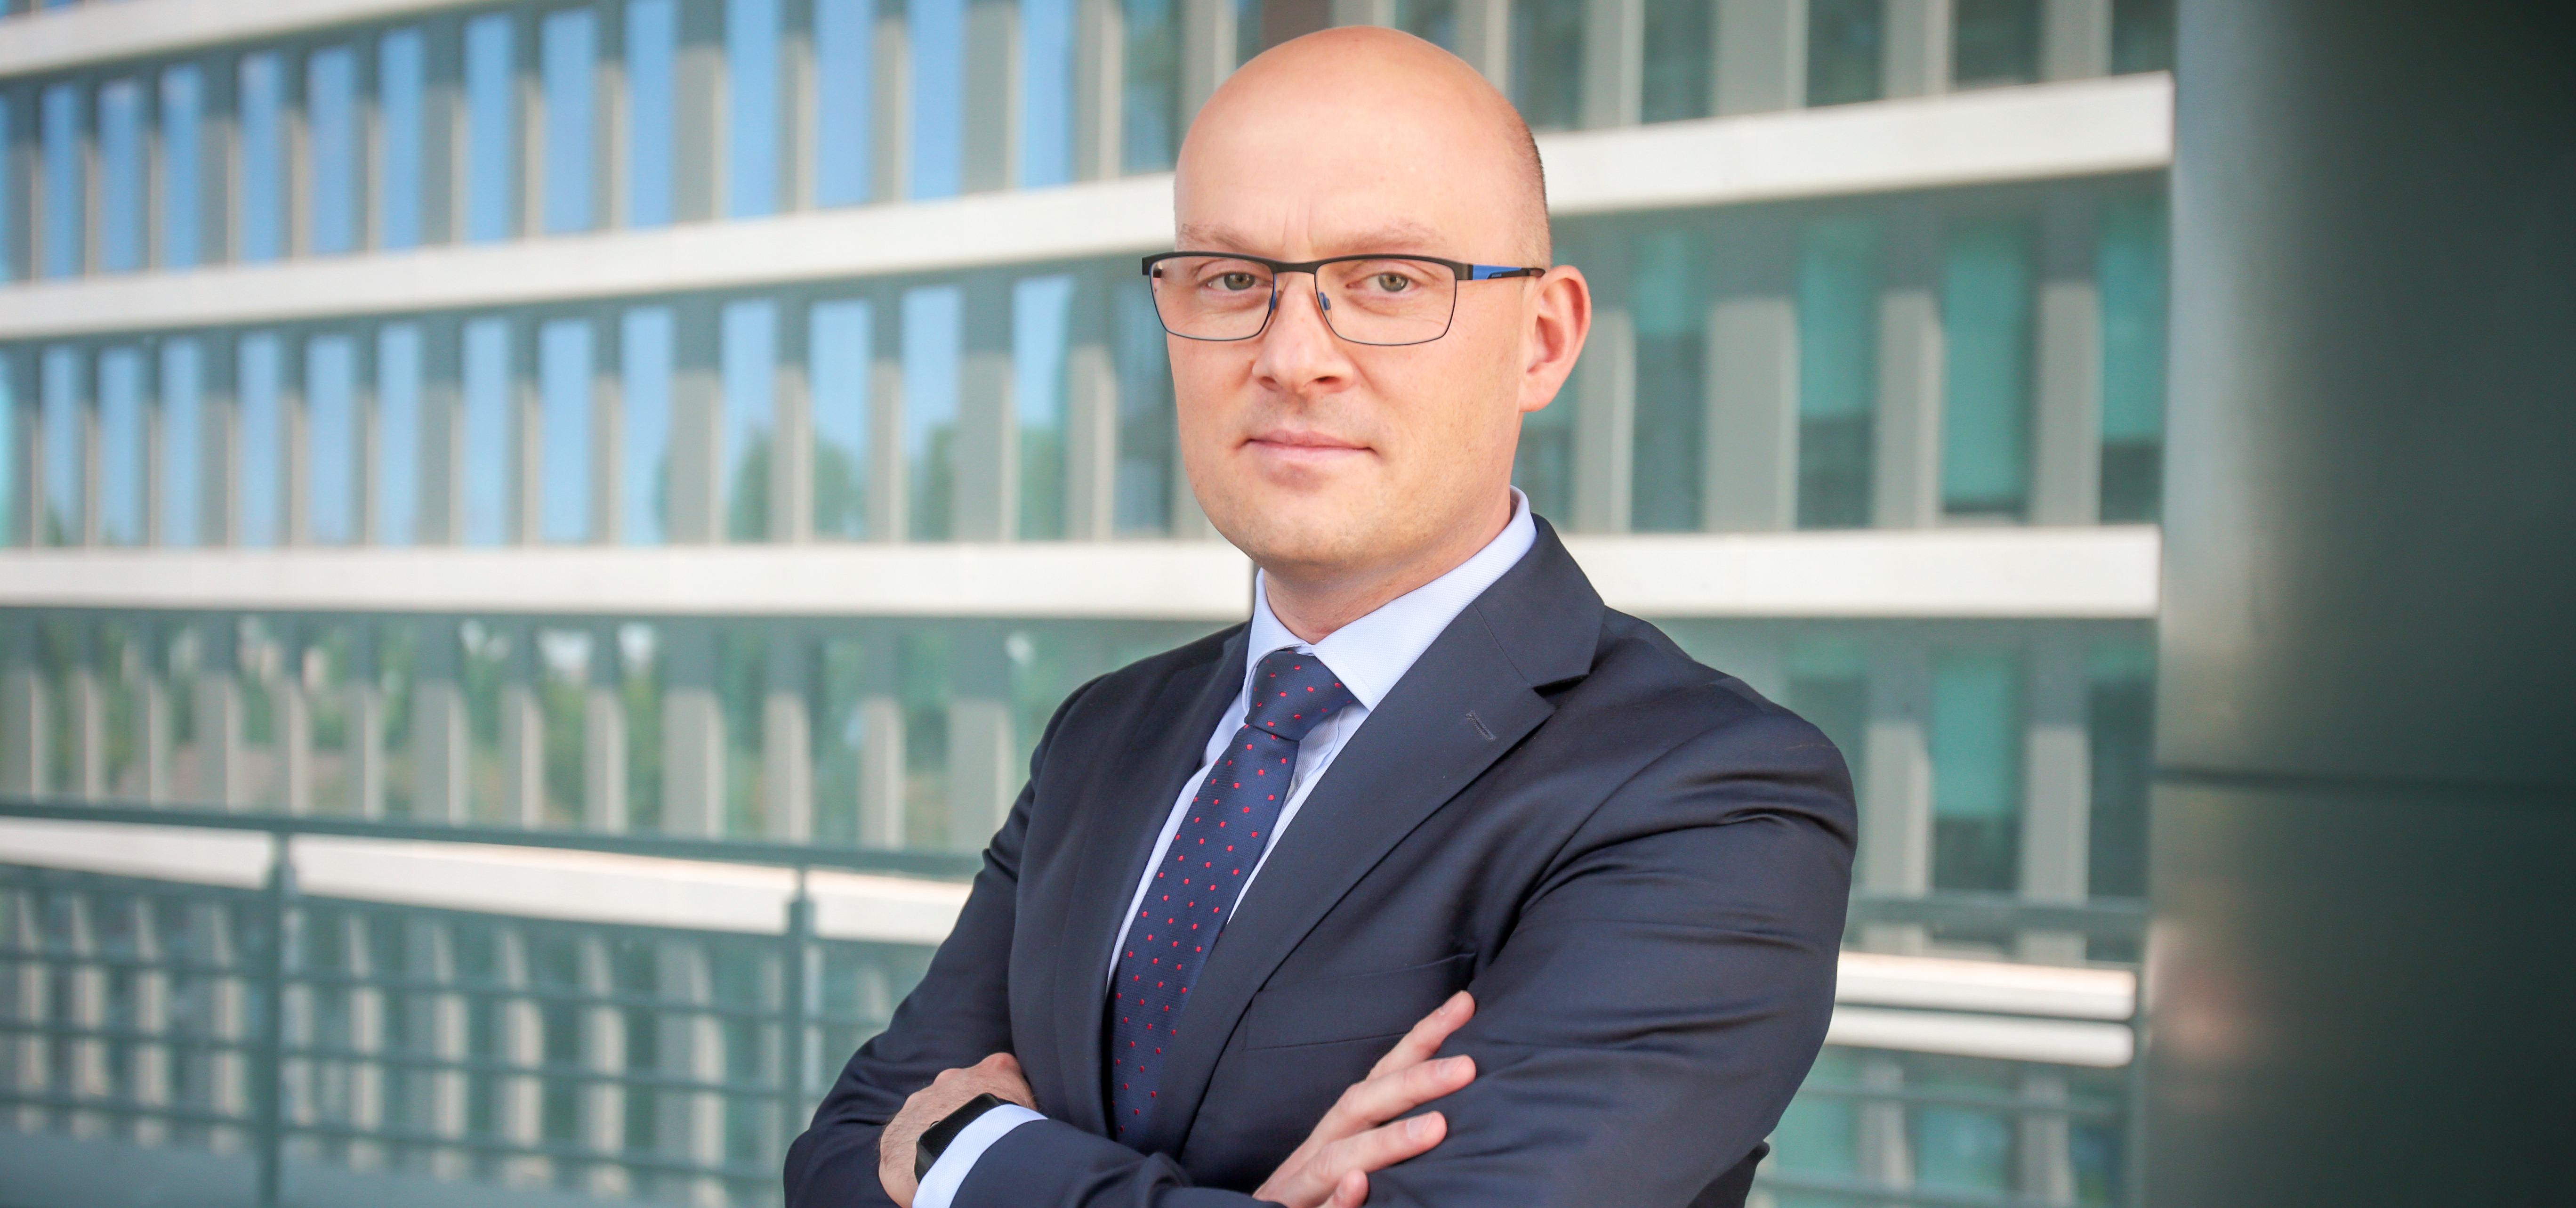 Artur Białkowski awansował na stanowisko Dyrektora Zarządzającego w Medicover Polska